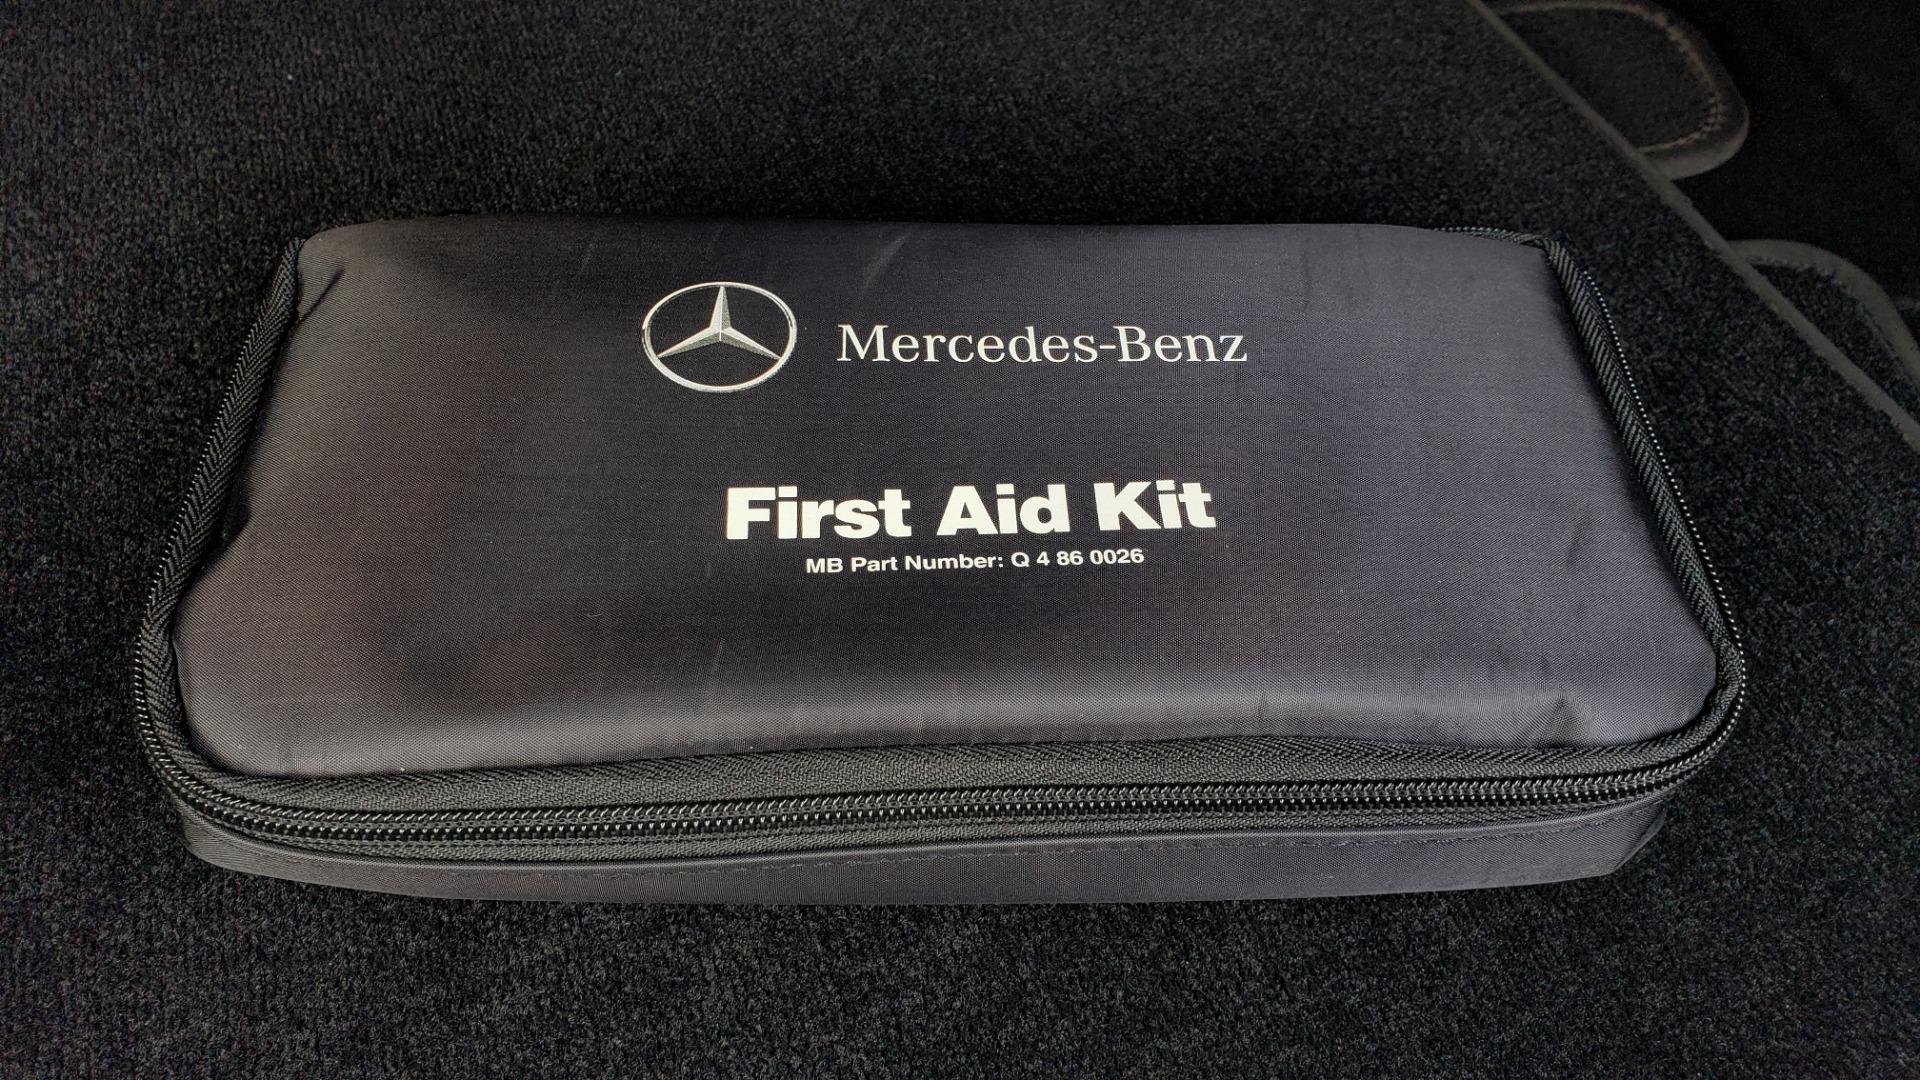 Used 2012 Mercedes-Benz SLK-CLASS SLK 250 ROADSTER / PREM 1 PKG / COMAND LAUNCH PKG / 7-SPD AUTO for sale $24,995 at Formula Imports in Charlotte NC 28227 37